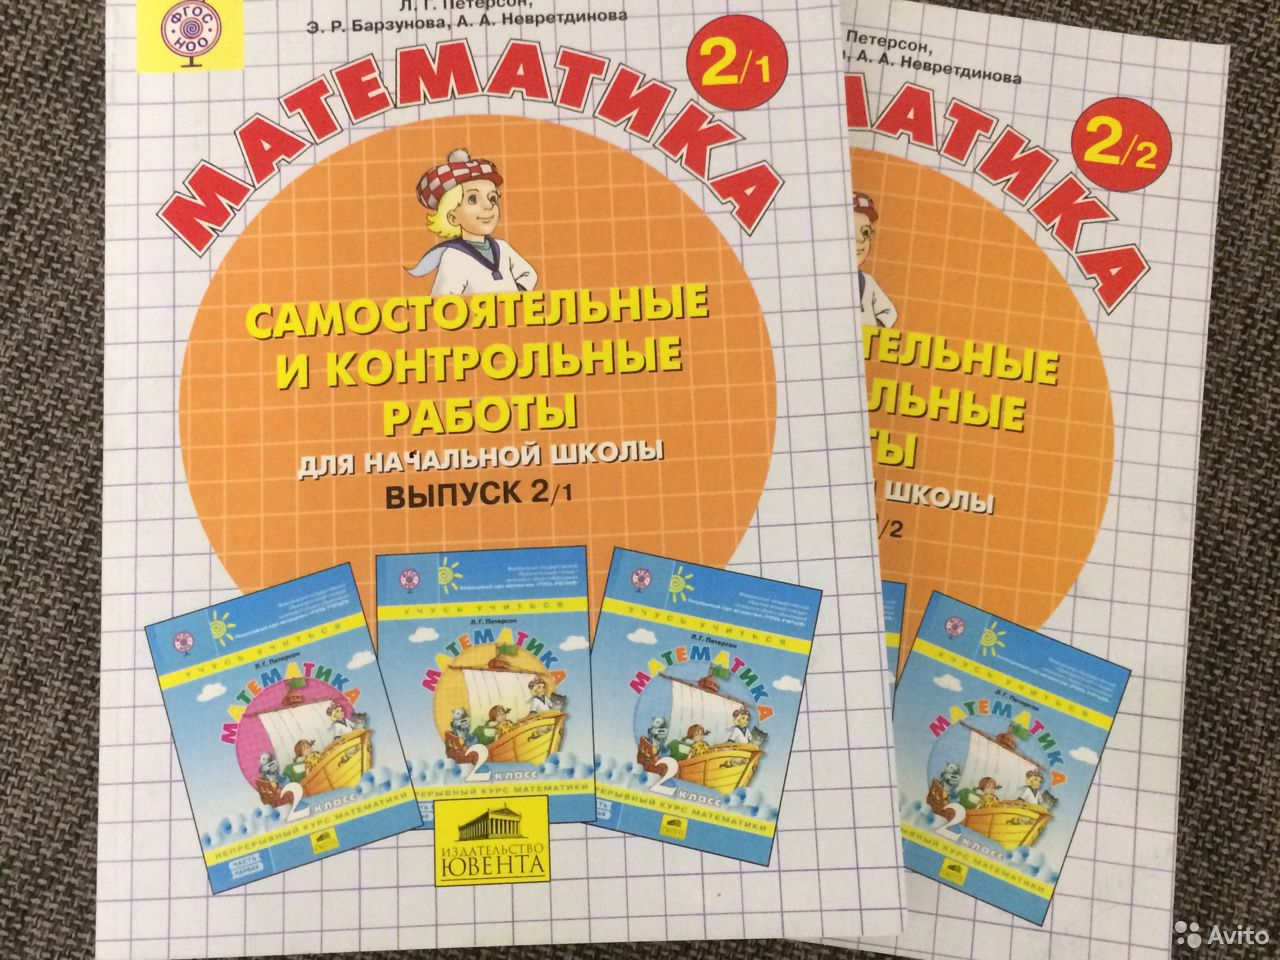 Петерсон, Барзунова, Невретдинова: Математика. 2 к